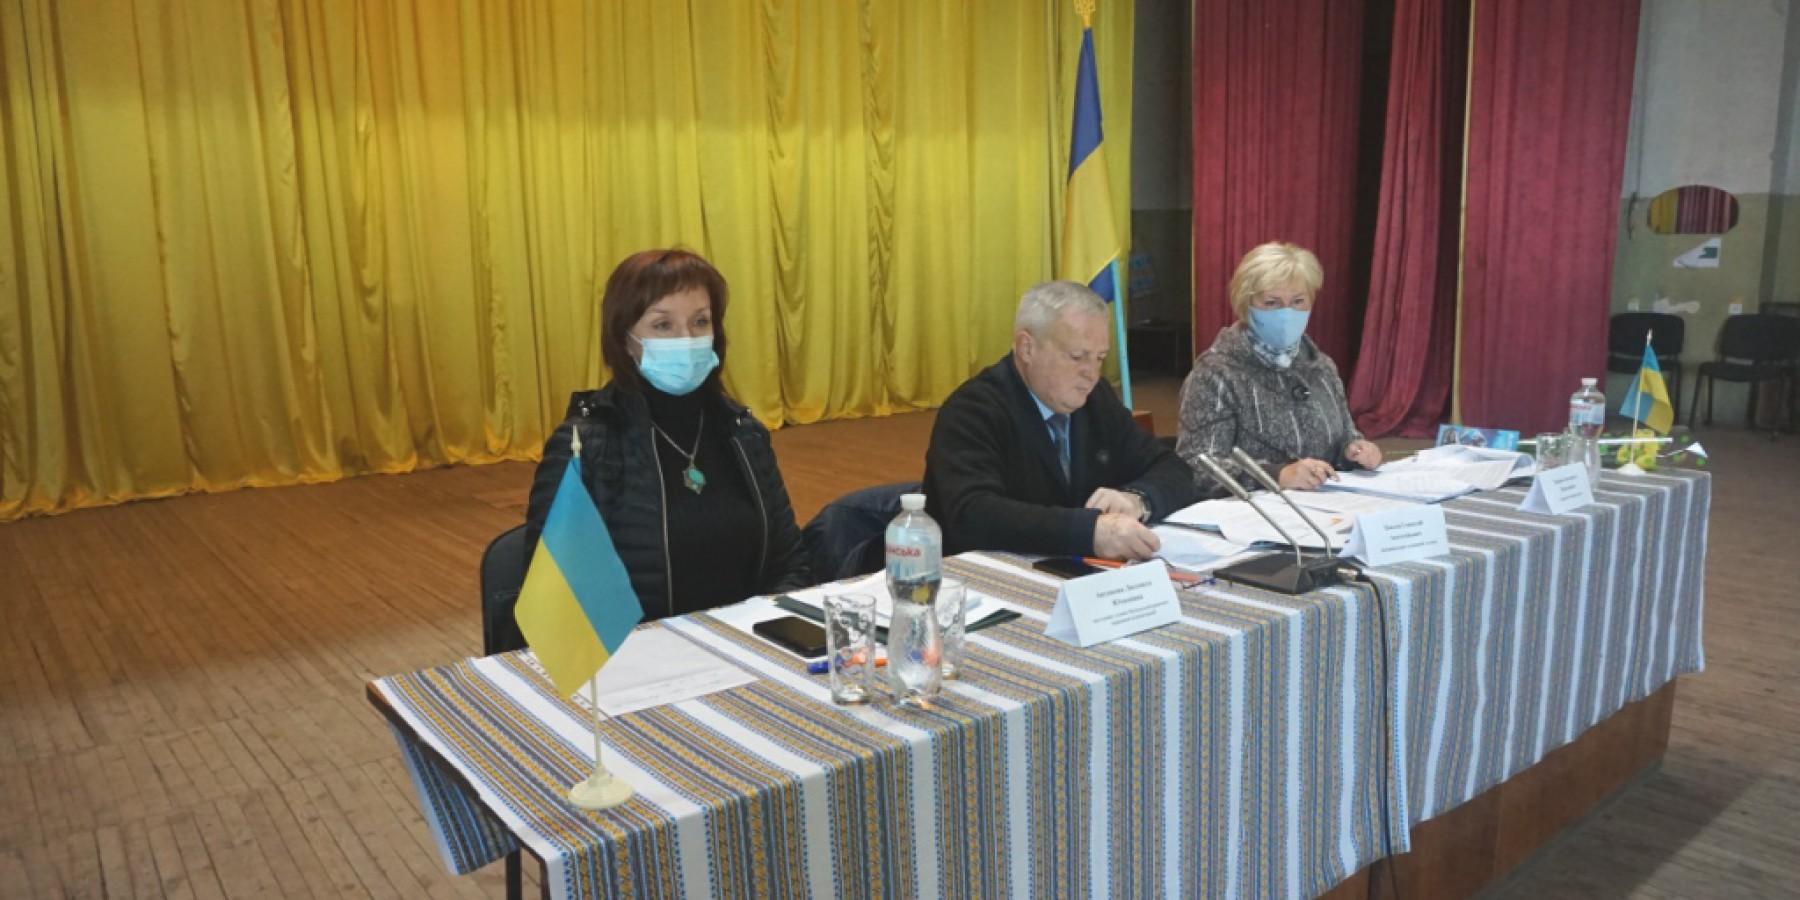 19 жовтня відбулася позачергова дев'ята сесія Любашівської селищної ради VІІІ скликання